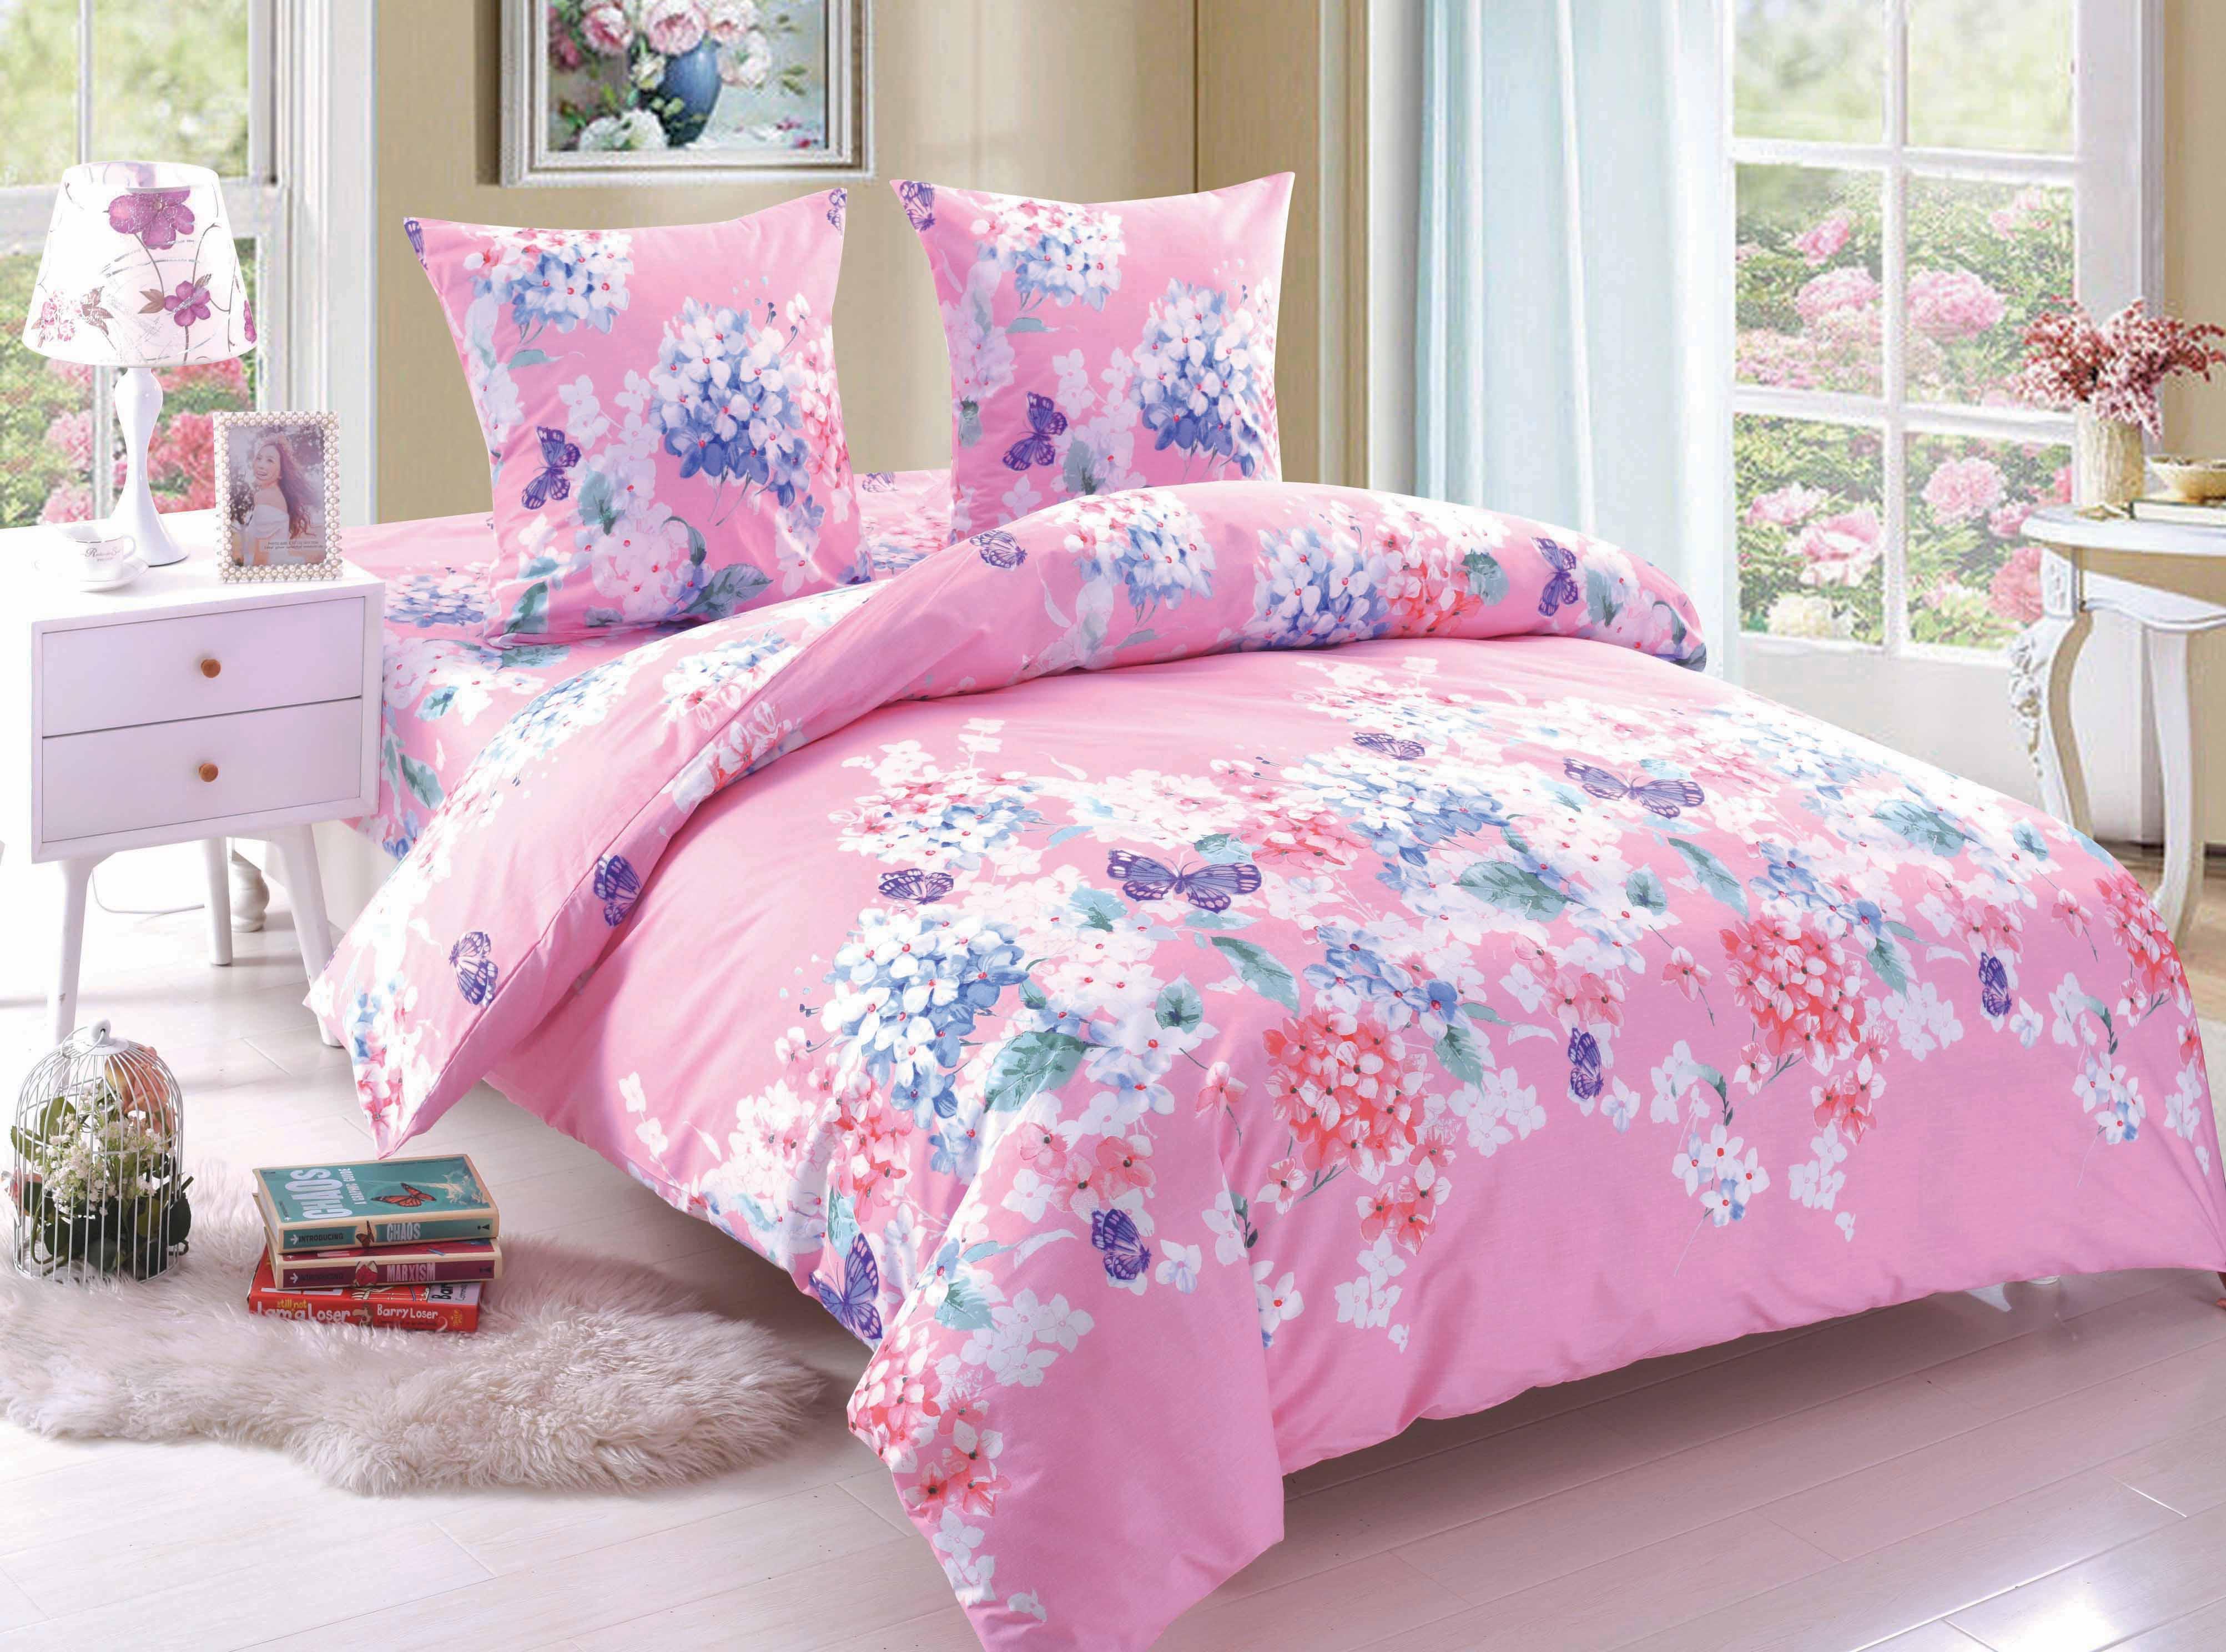 Купить Комплекты постельного белья Amore Mio, Постельное белье Olivia (2 спал.), Китай, Голубой, Розовый, Поплин